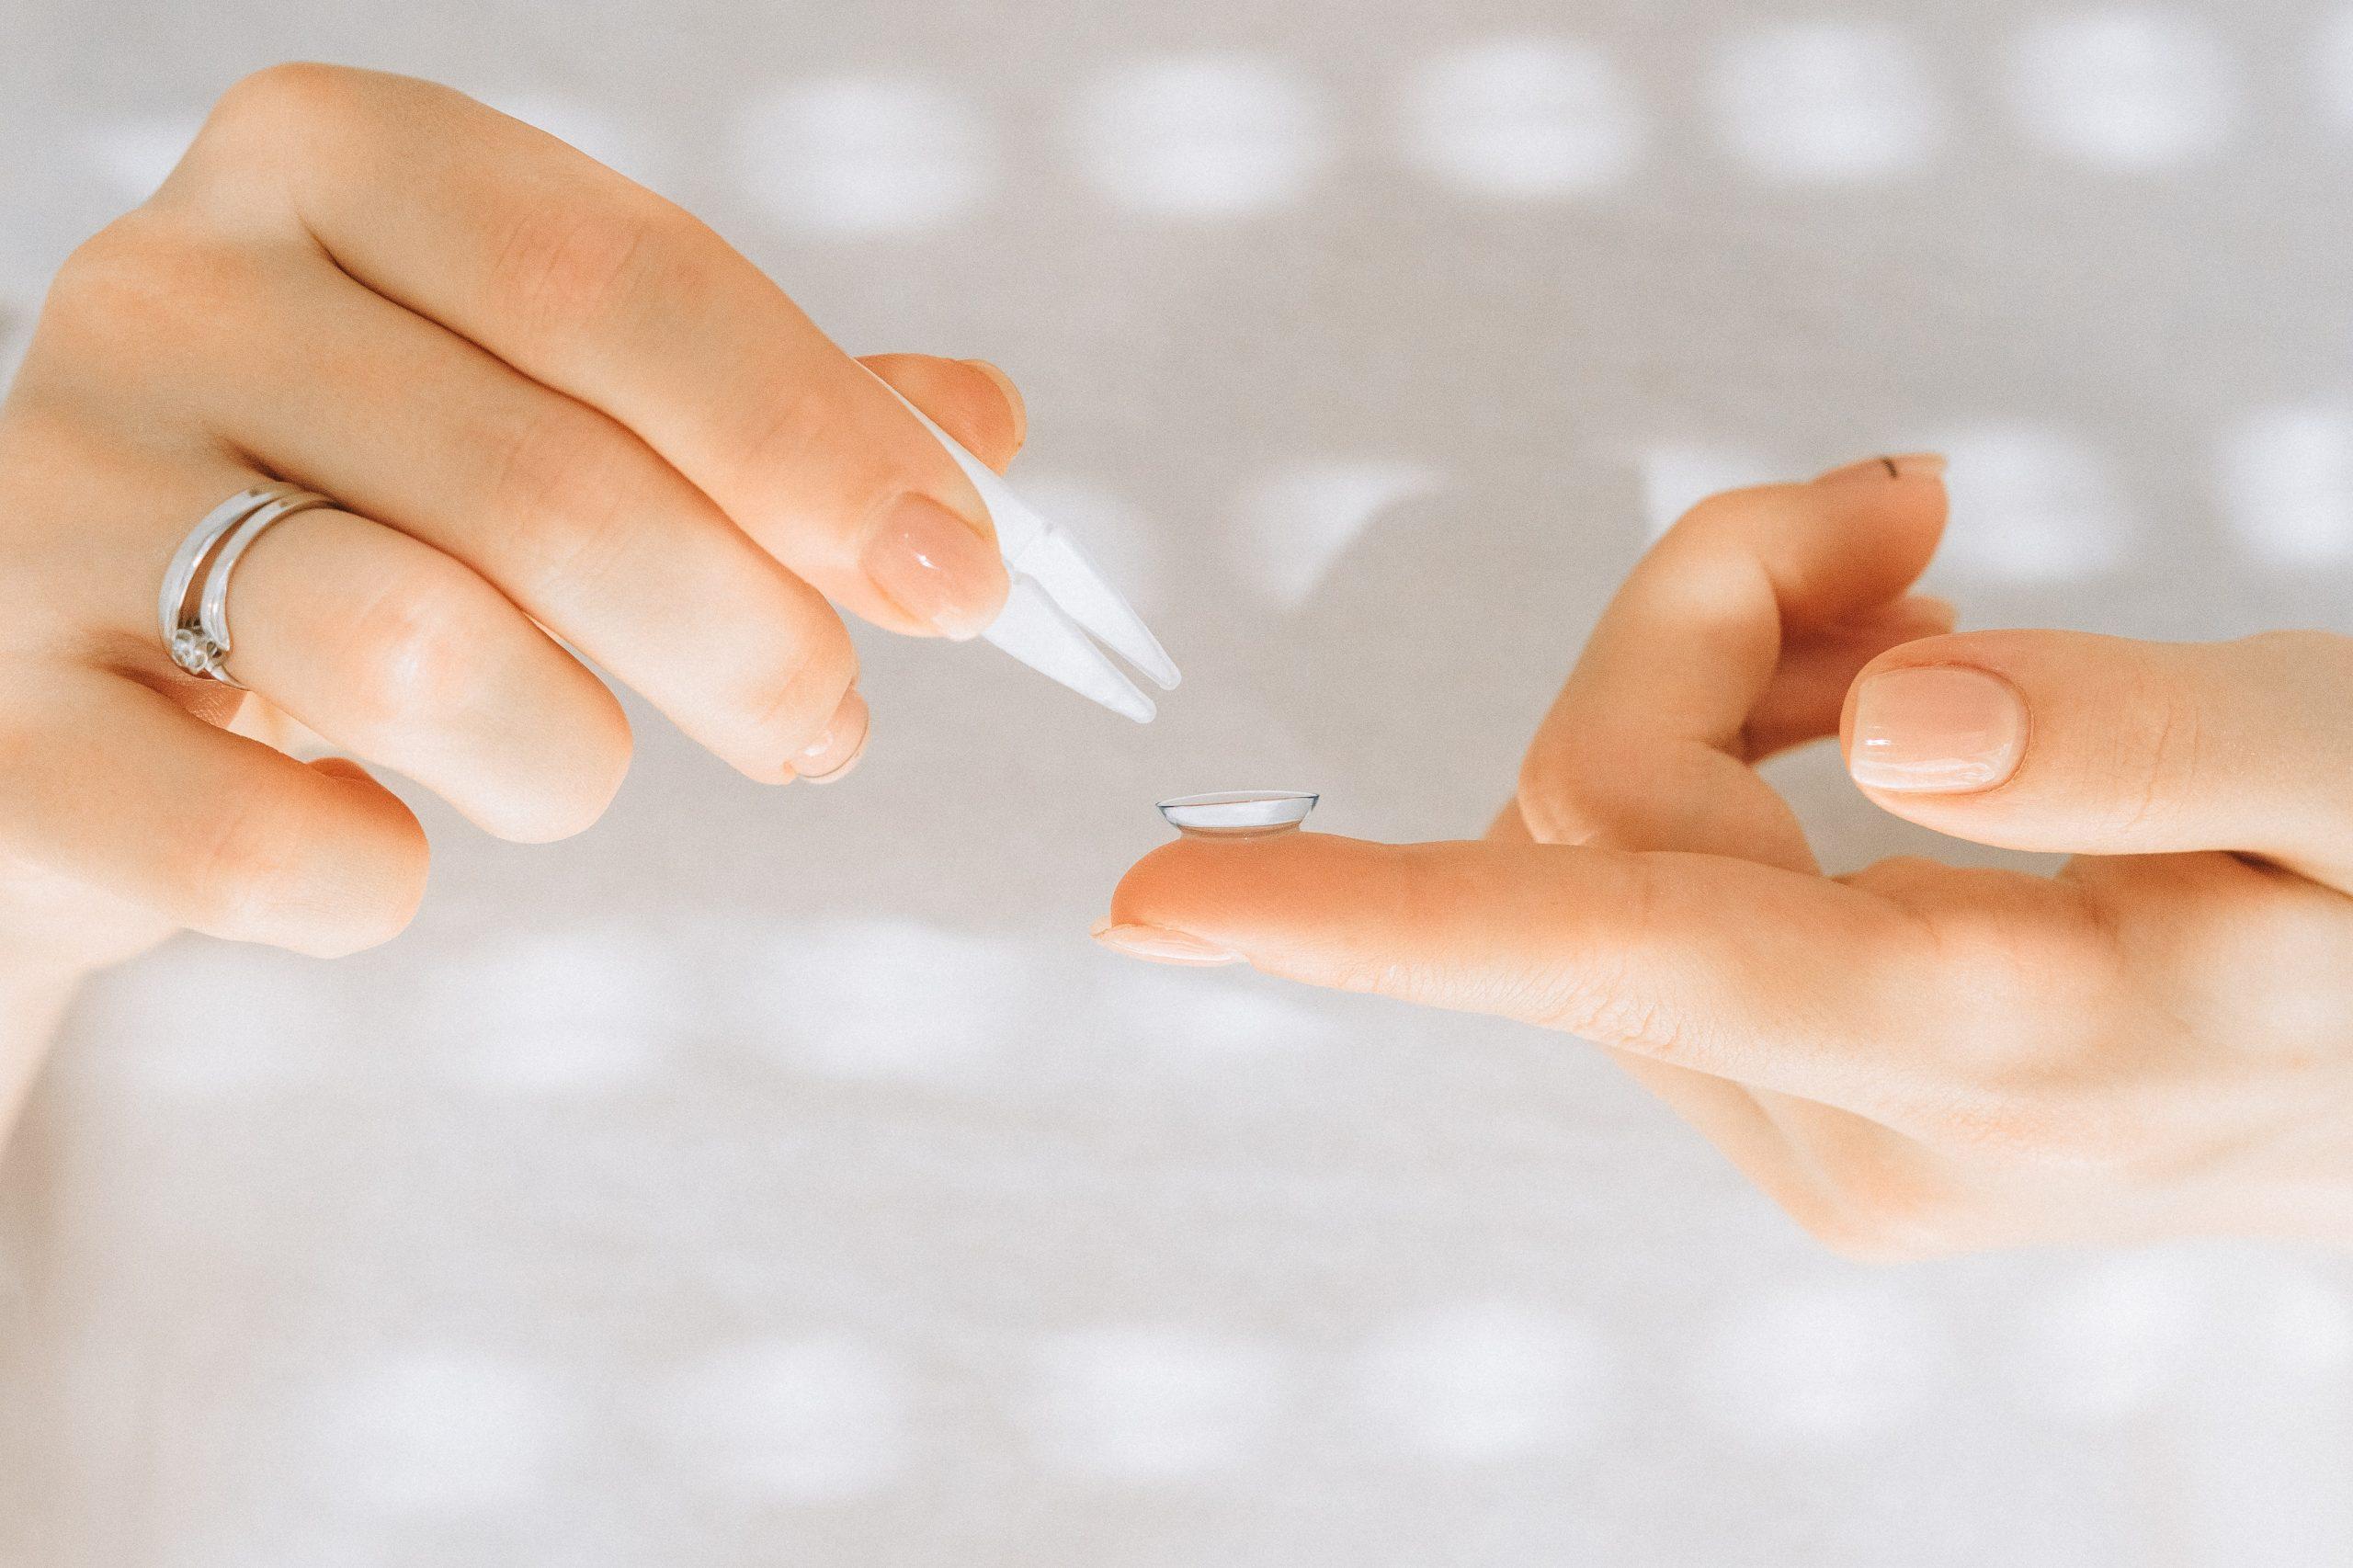 Persona tomando lentillas con pinza